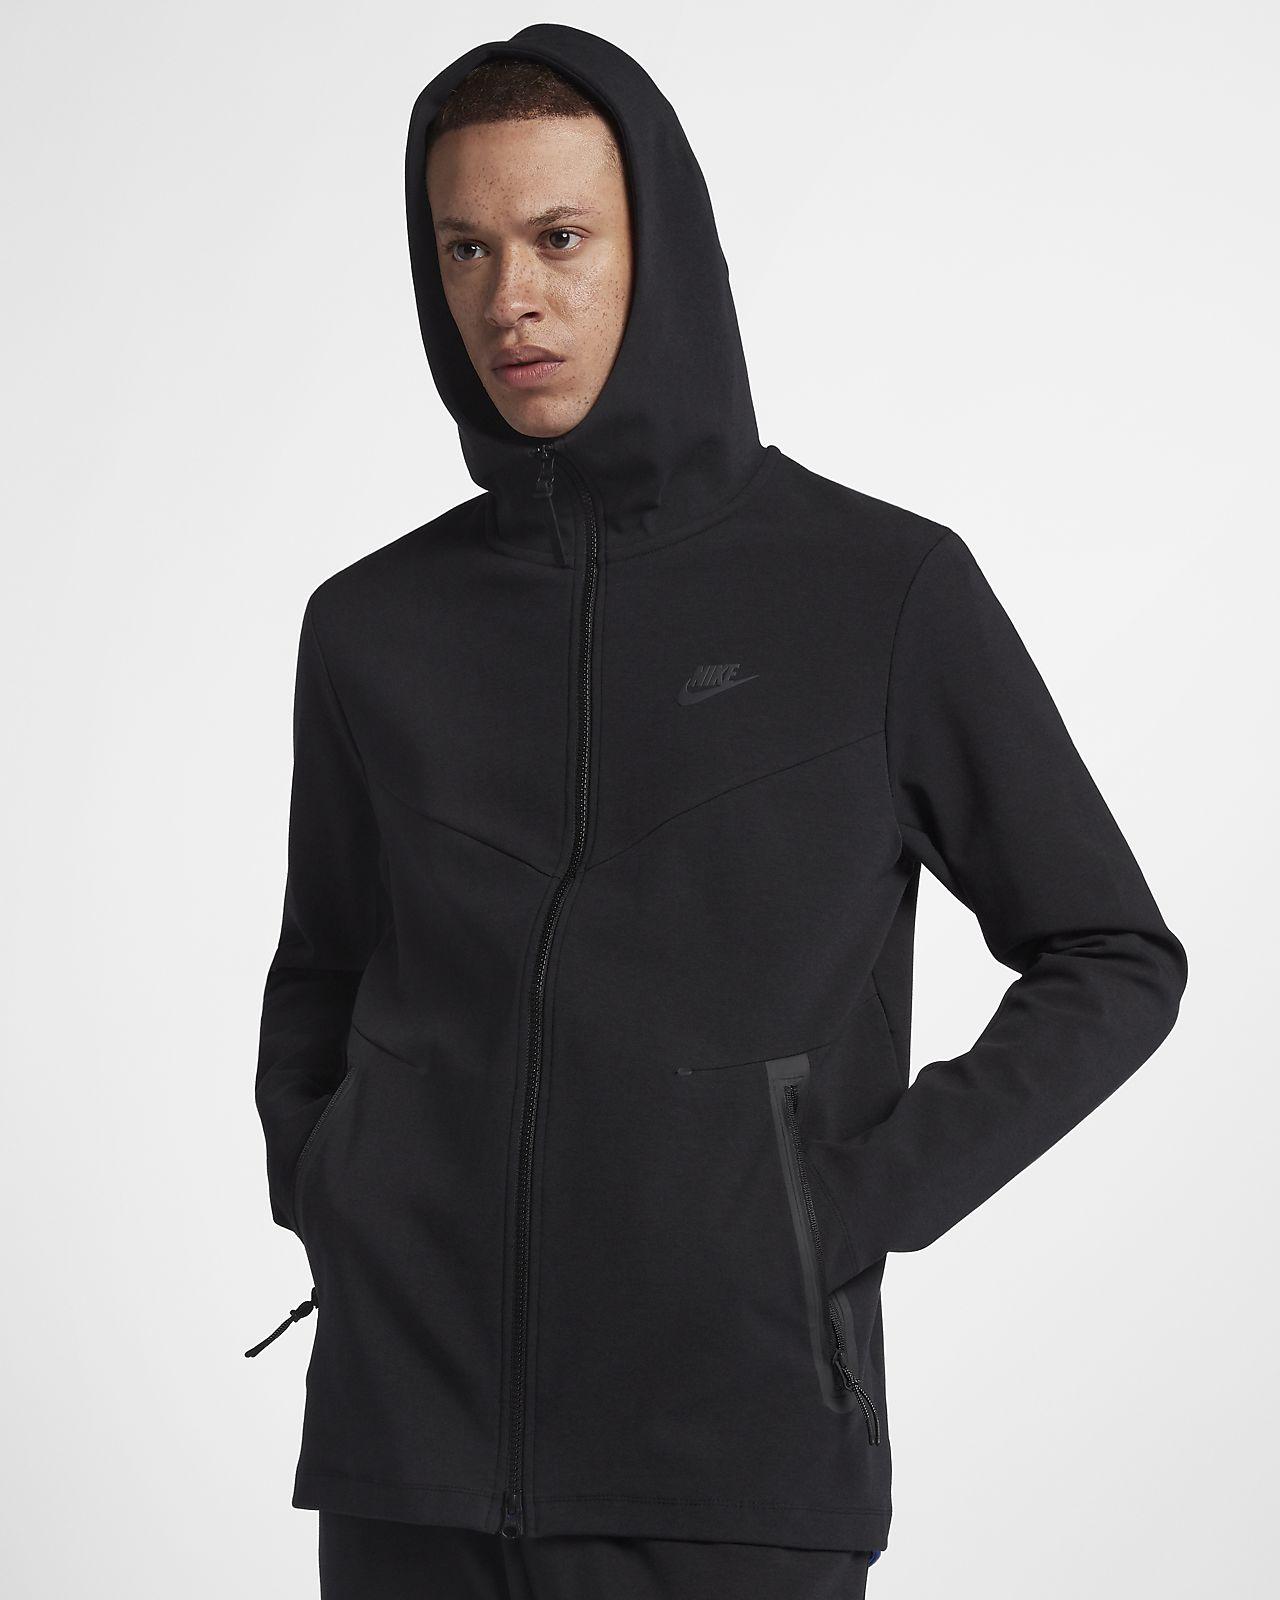 Nike Sportswear Tech Pack Sudadera con capucha con cremallera completa - Hombre